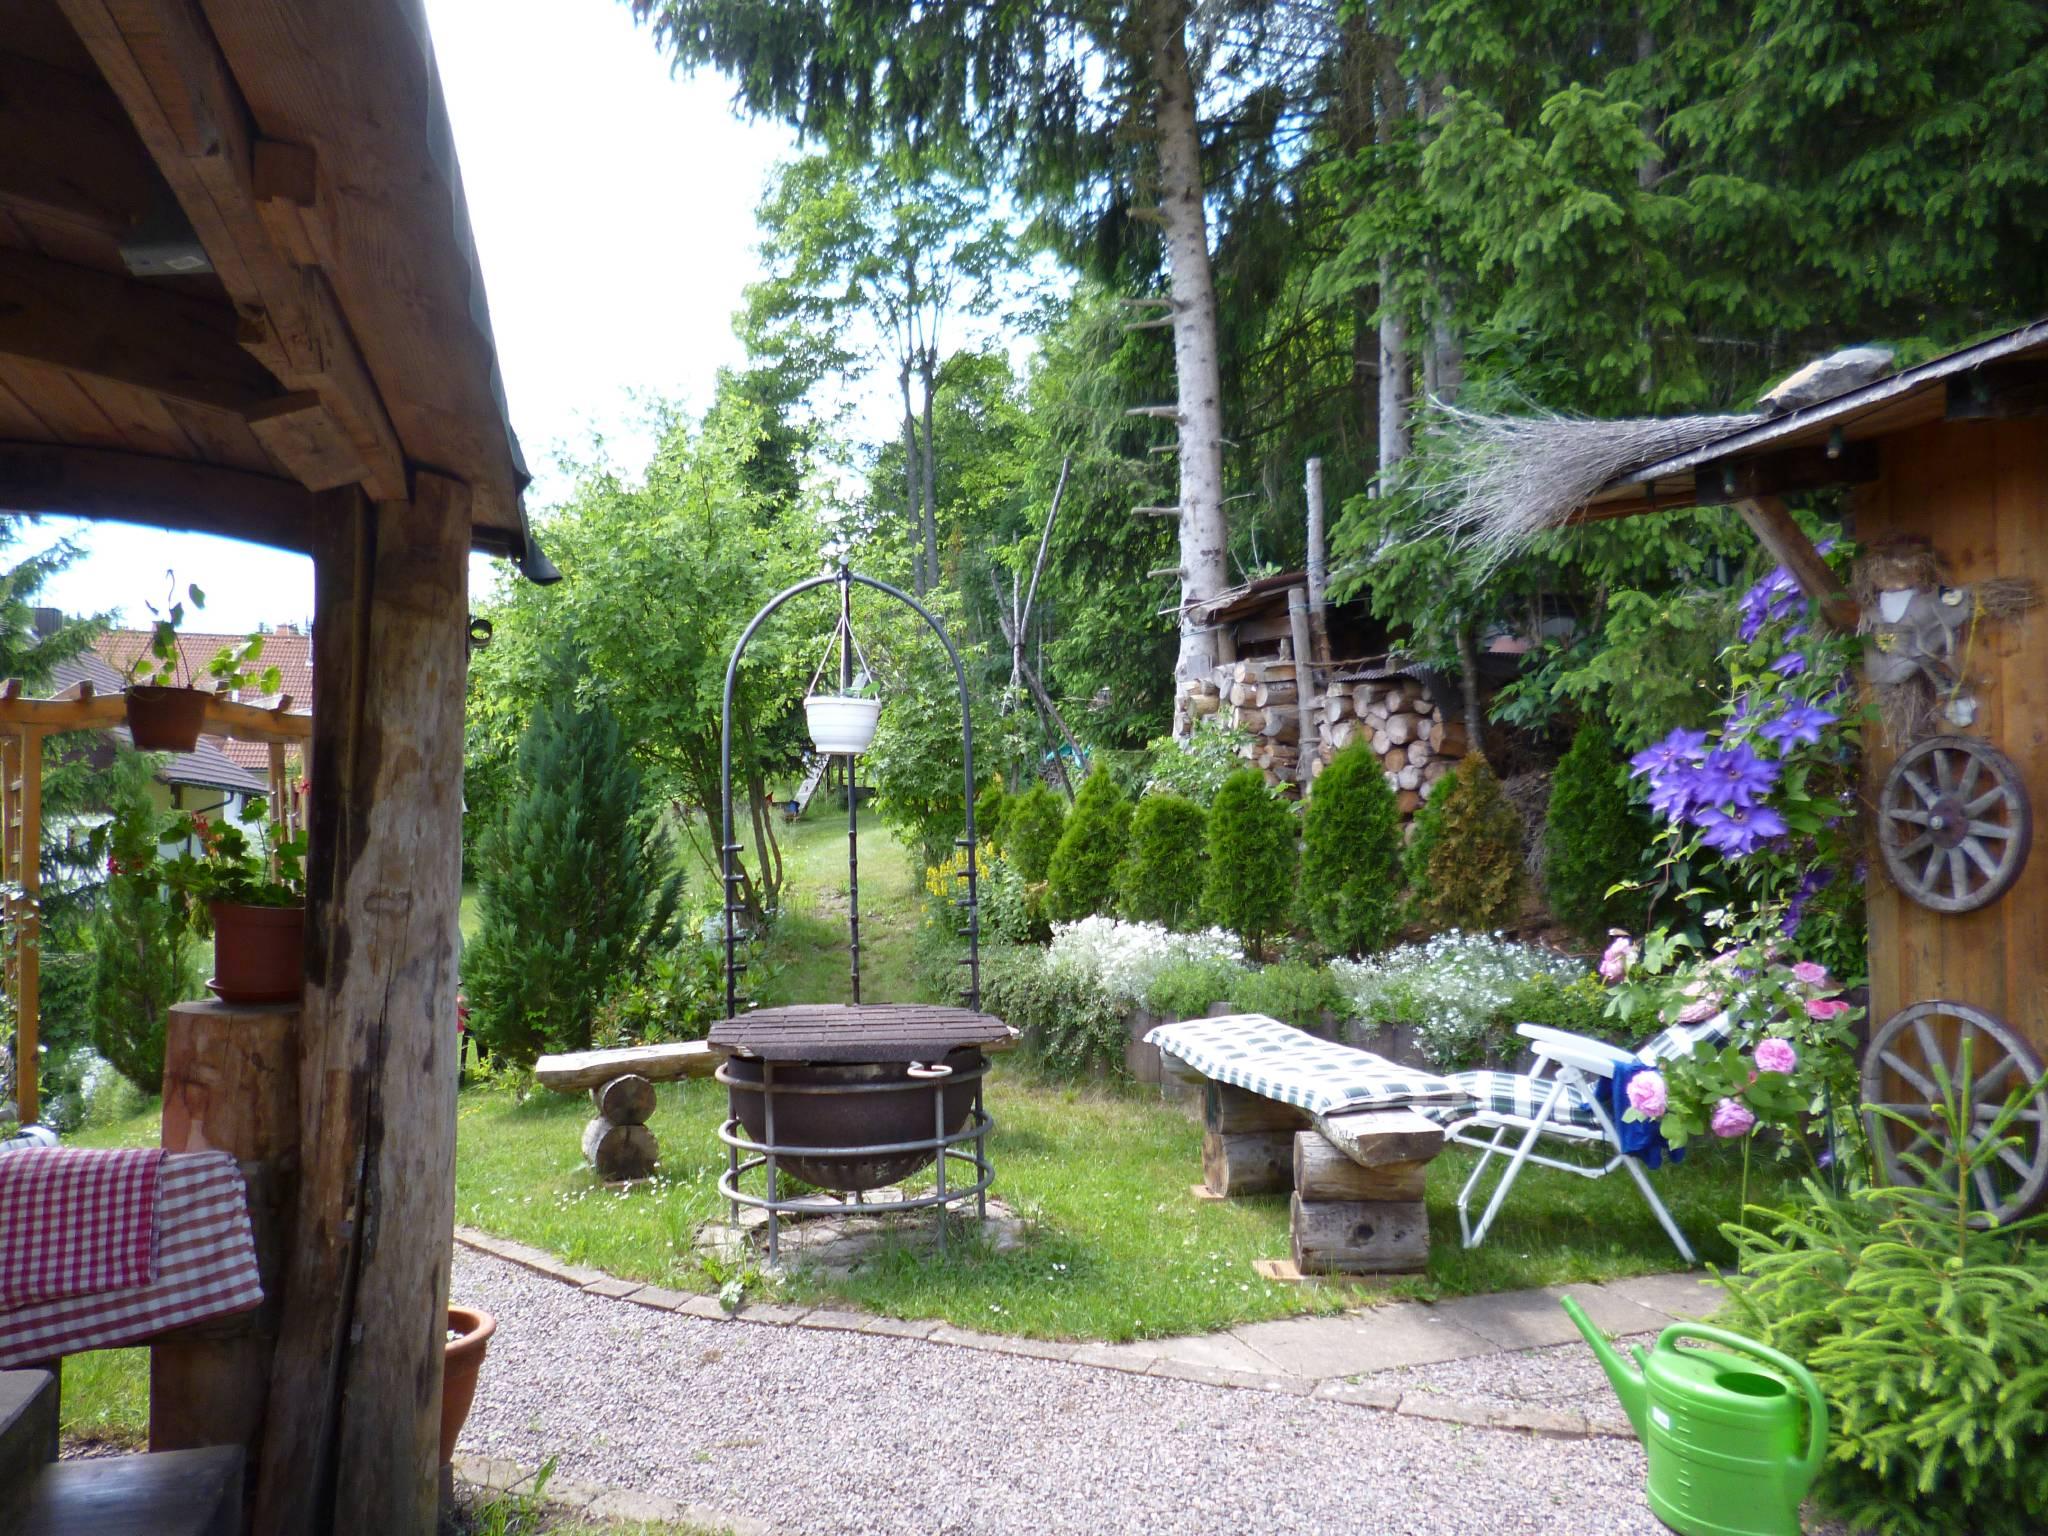 Zusatzbild Nr. 05 von Haus Schwarz - Die kleine Ferienwohnung